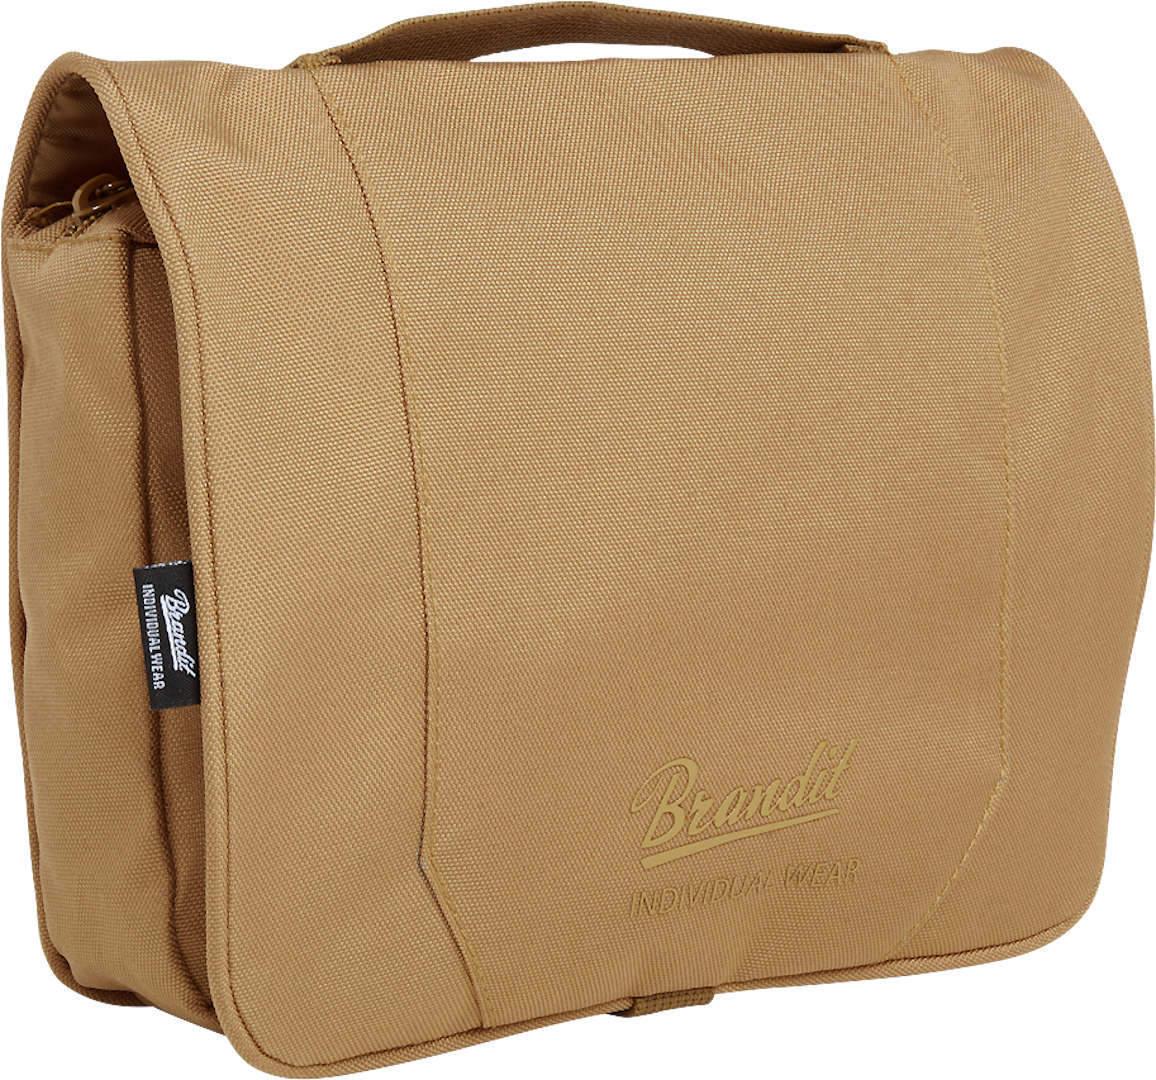 Brandit Large Toiletti laukku  - Ruskea - Size: yksi koko